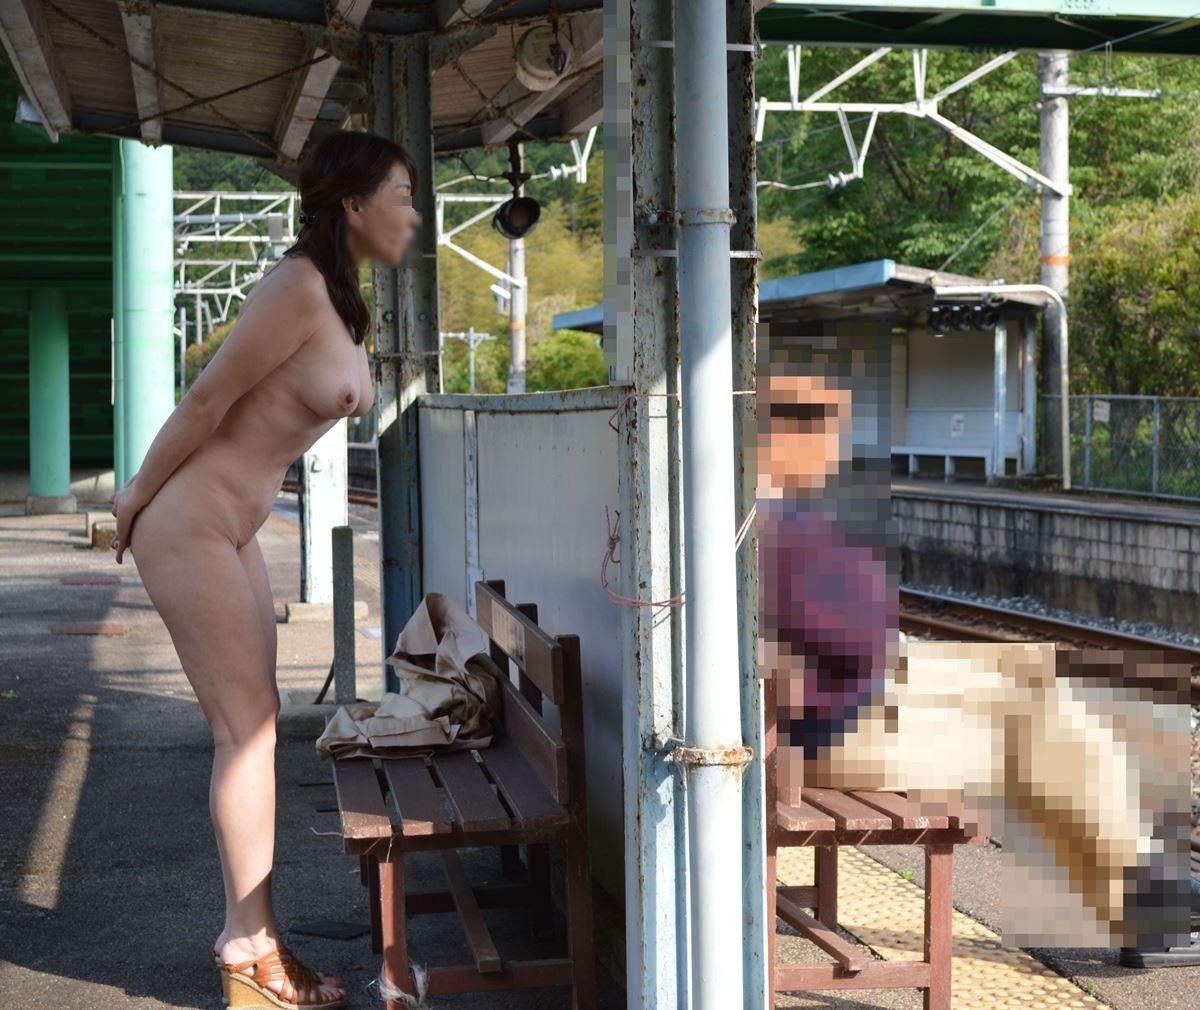 【野外露出エロ画像】なにが変態を惹きつけるのか…駅で裸になる露出狂が多すぎる件wwww その6